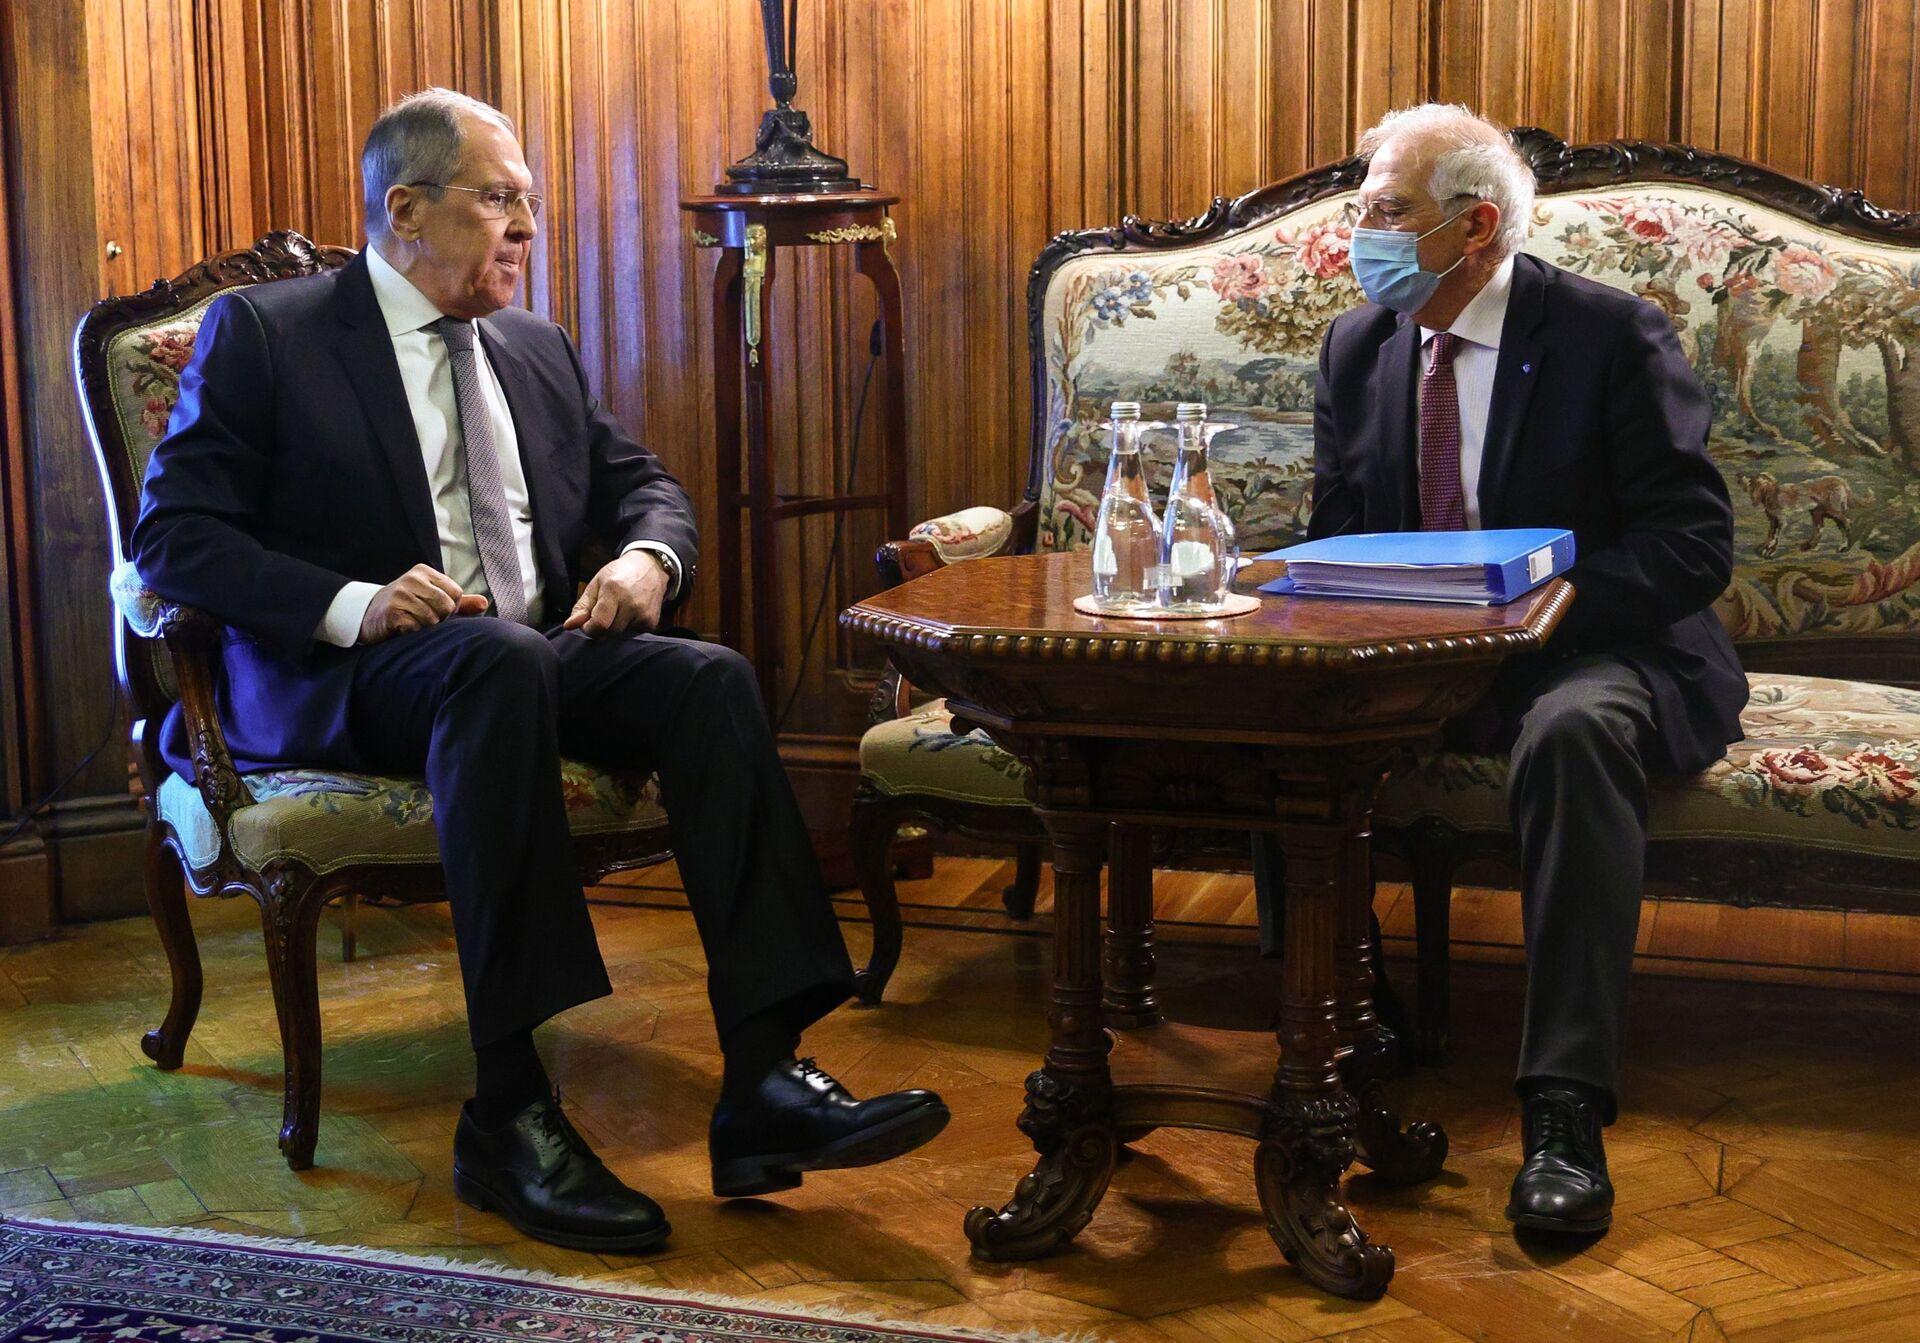 Europarlamento discute le relazioni con la Russia nel contesto dello scontro diplomatico - Sputnik Italia, 1920, 09.02.2021